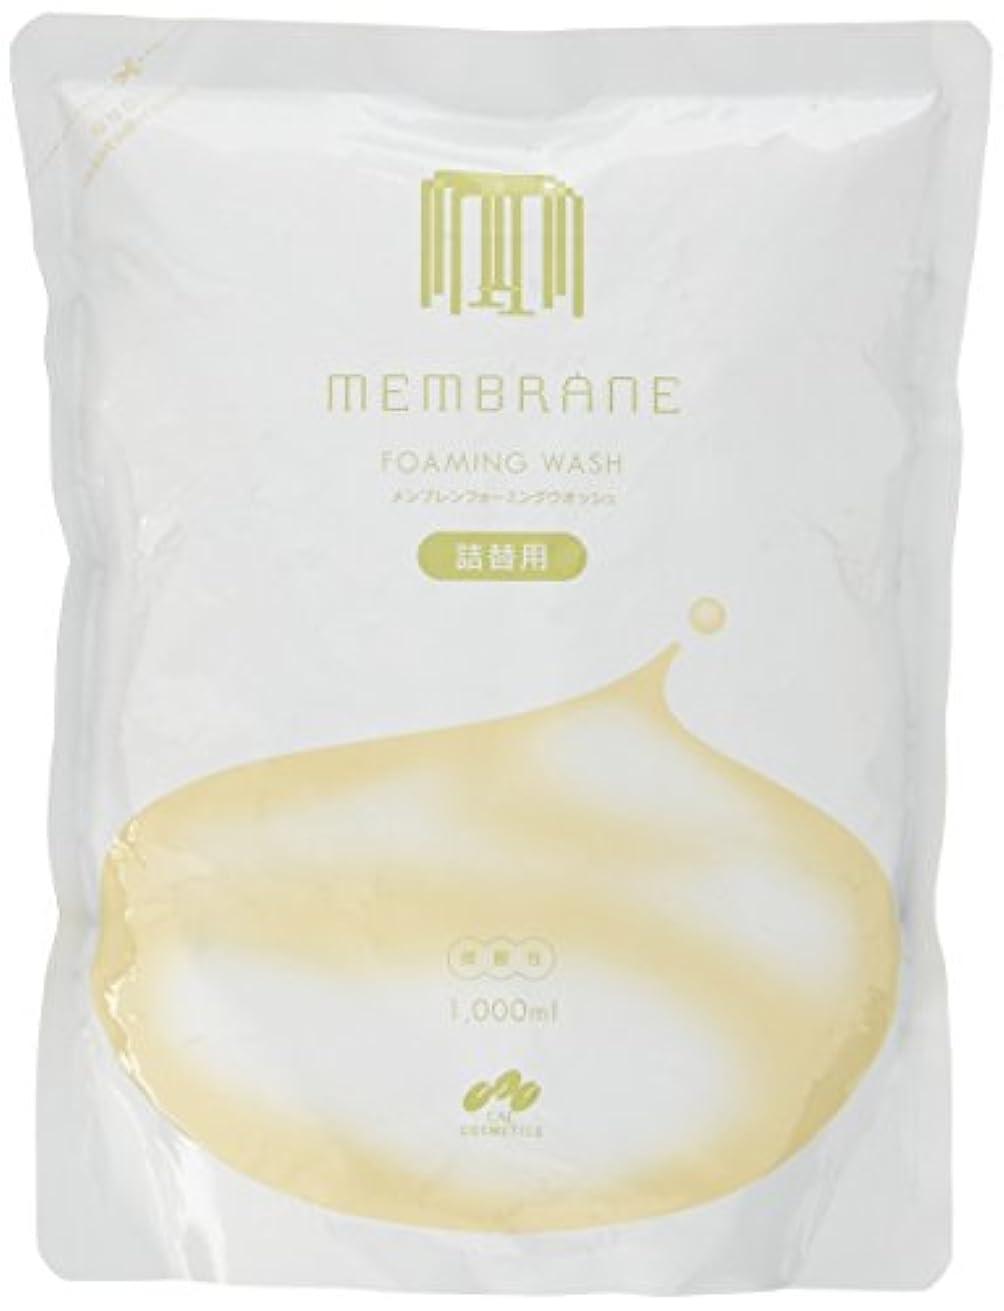 結晶キャンバスソーダ水CAC メンブレン フォーミングウオッシュ詰替用1Lパウチ